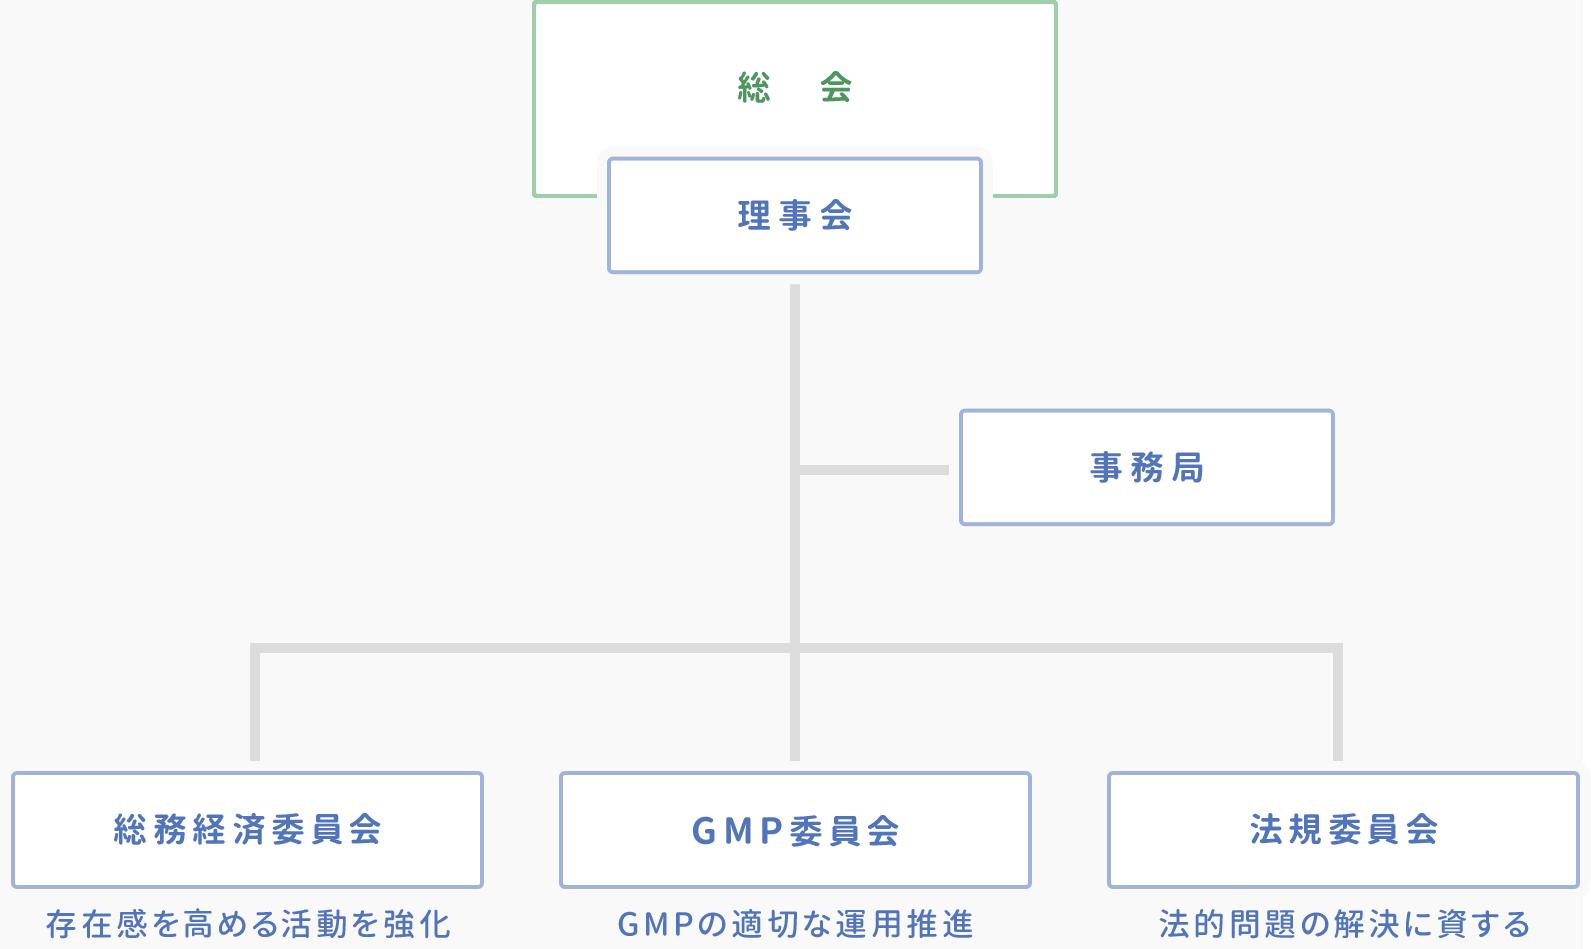 日本医薬品原薬工業会 組織図